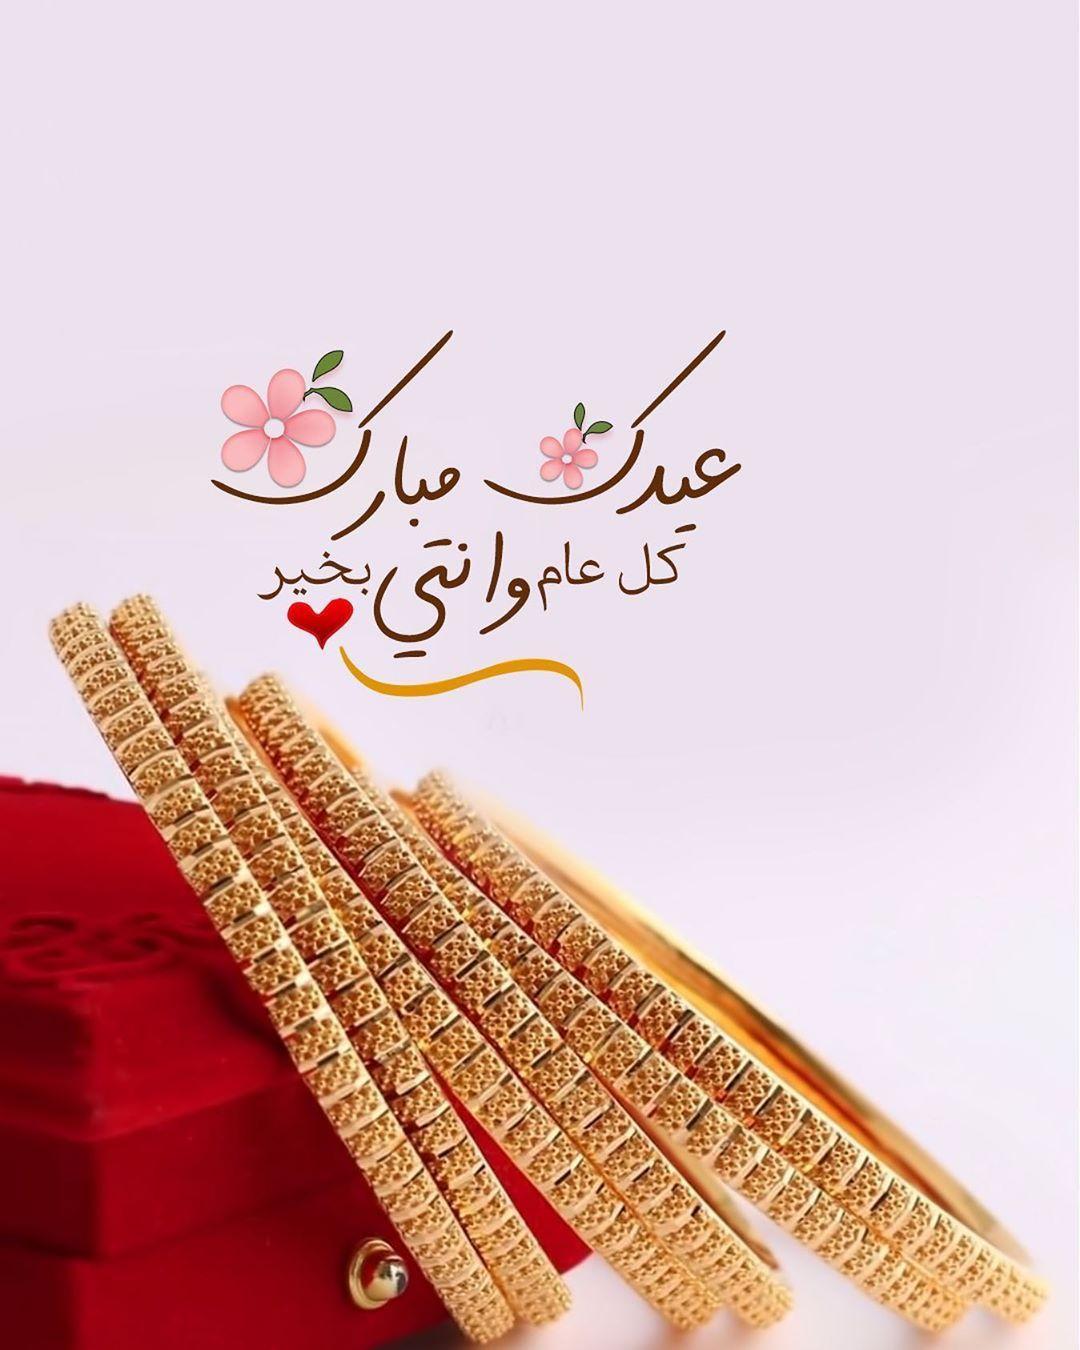 P E A R L A On Instagram ت صاميمي العيد من ه نا عيد ㅤ ㅤ ㅤㅤㅤㅤㅤ ㅤㅤㅤㅤㅤㅤㅤㅤㅤㅤㅤ ㅤ ㅤㅤㅤㅤㅤ ㅤㅤㅤㅤㅤㅤ تهنئة Eid Greetings Eid Mubarak Eid